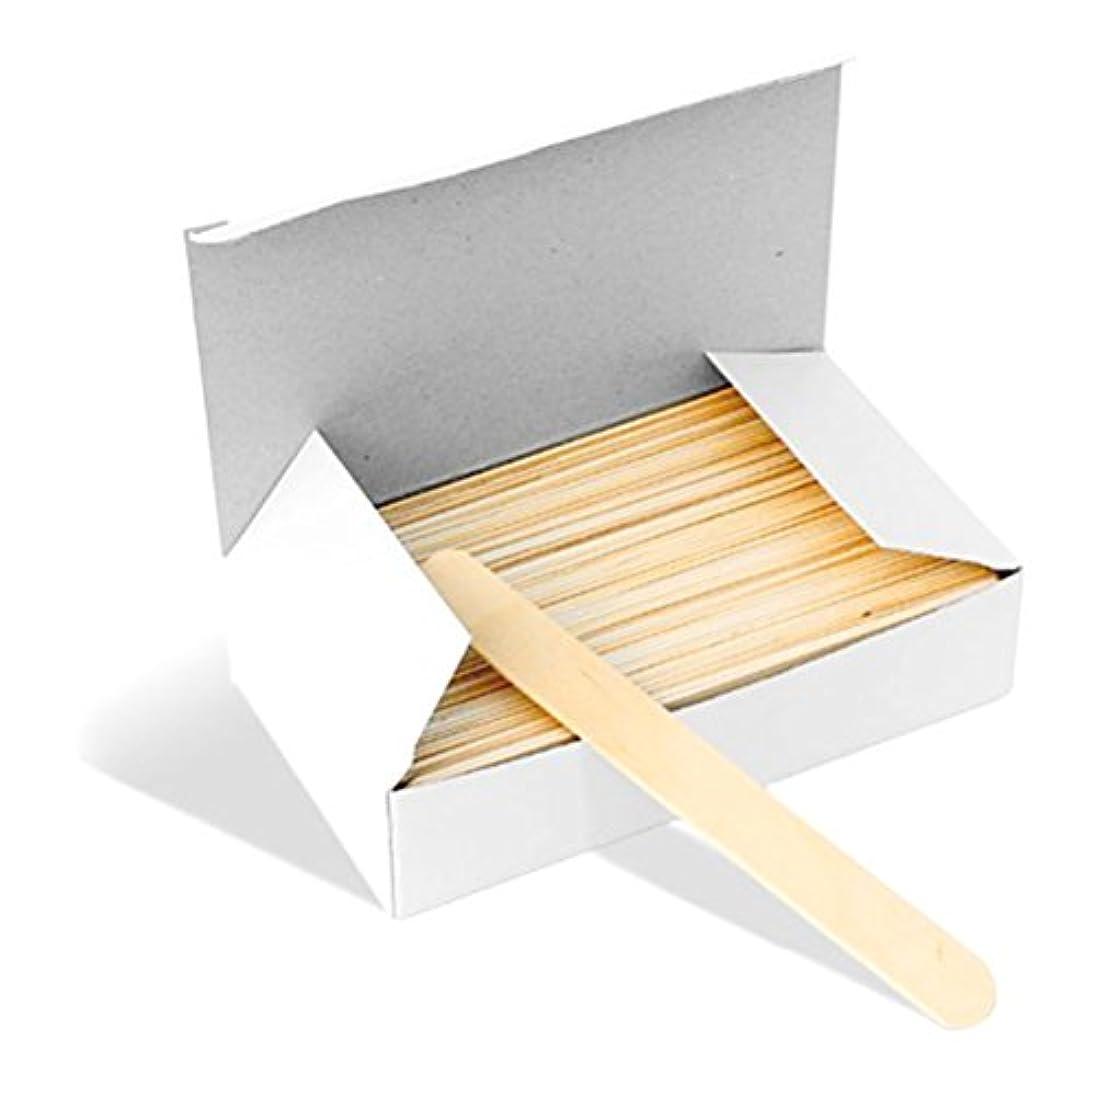 試す練るリズミカルなROSENICE 舌圧子 使い捨て 舌圧迫器 ディスポーザブル 業務用木製 消毒済 100本入り